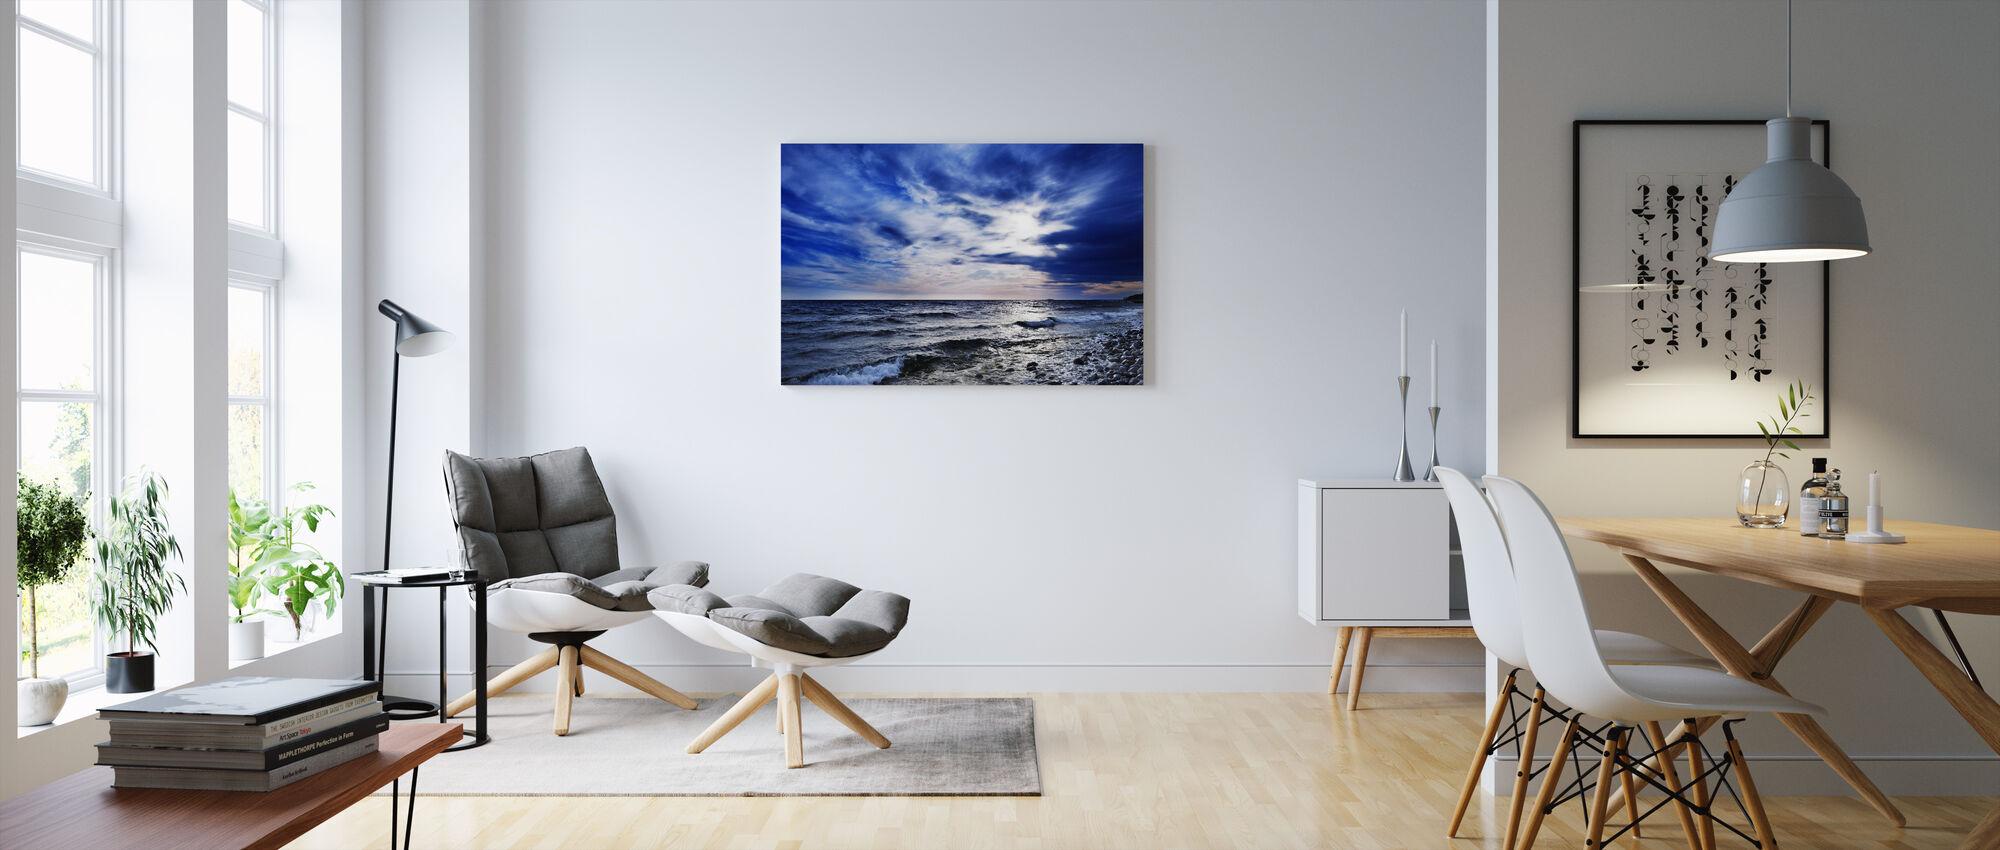 Blue Waves of Torö, Sweden - Canvas print - Living Room